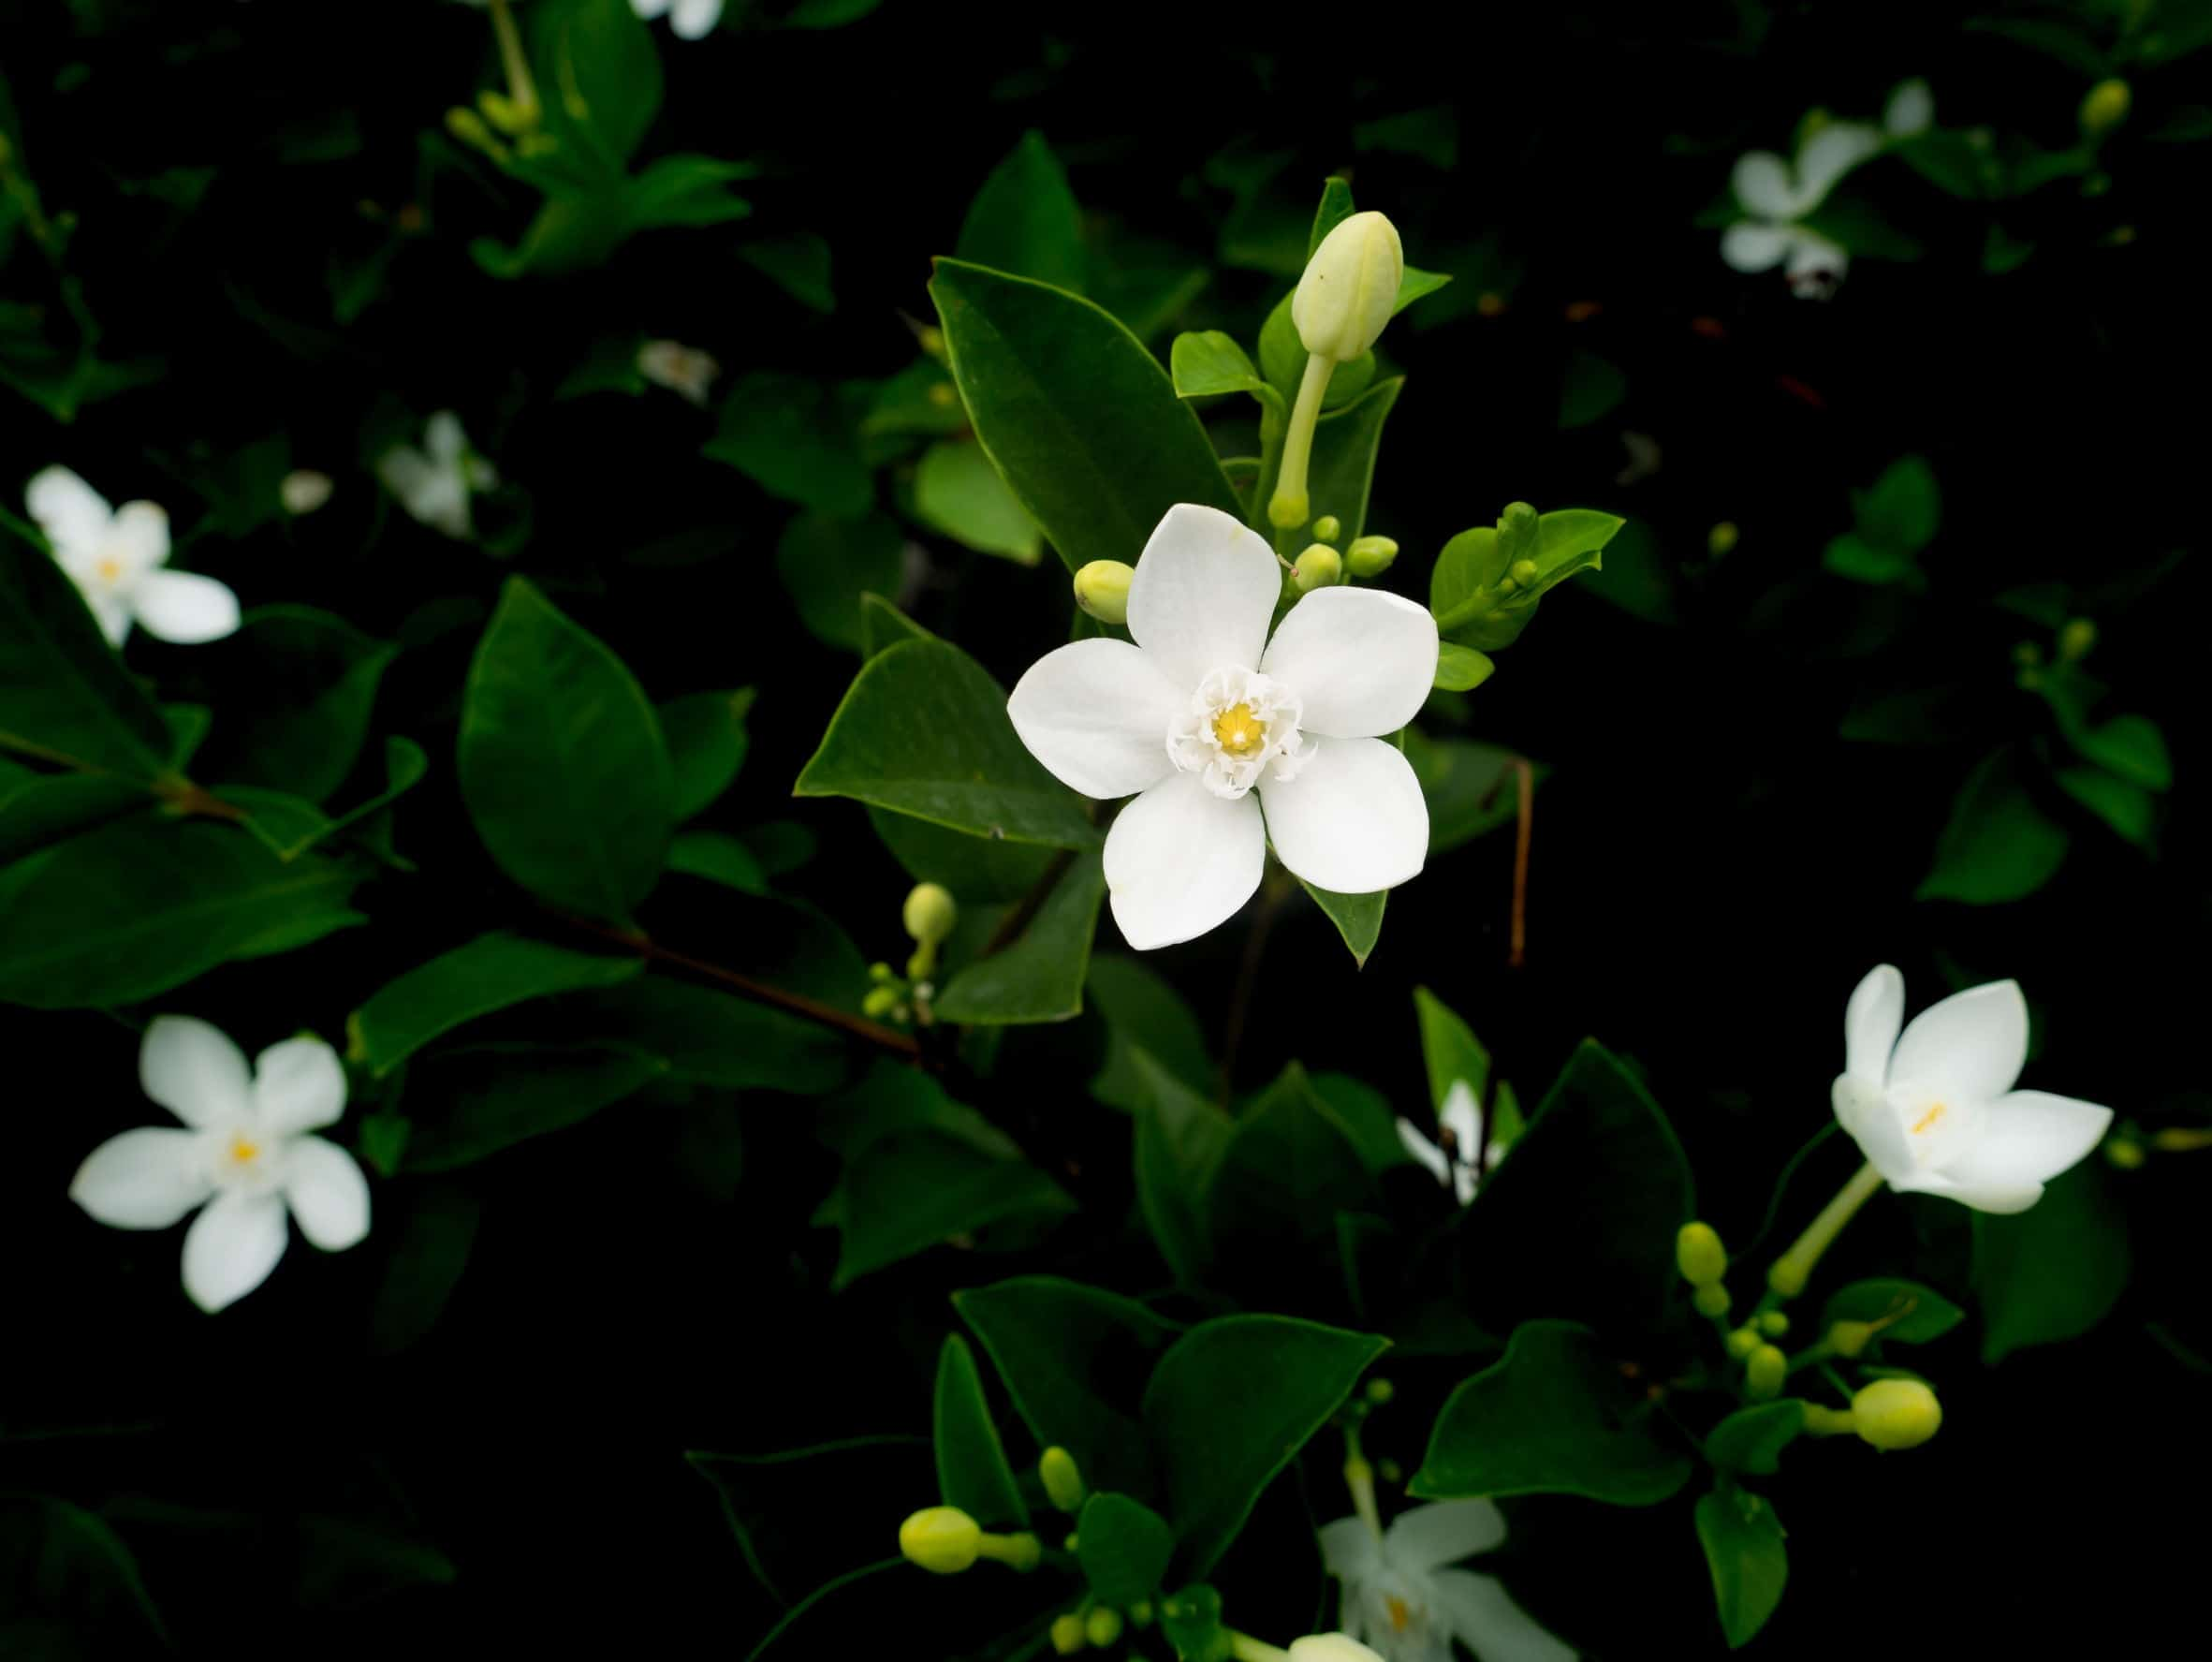 Gardenias are creamy white flowers.